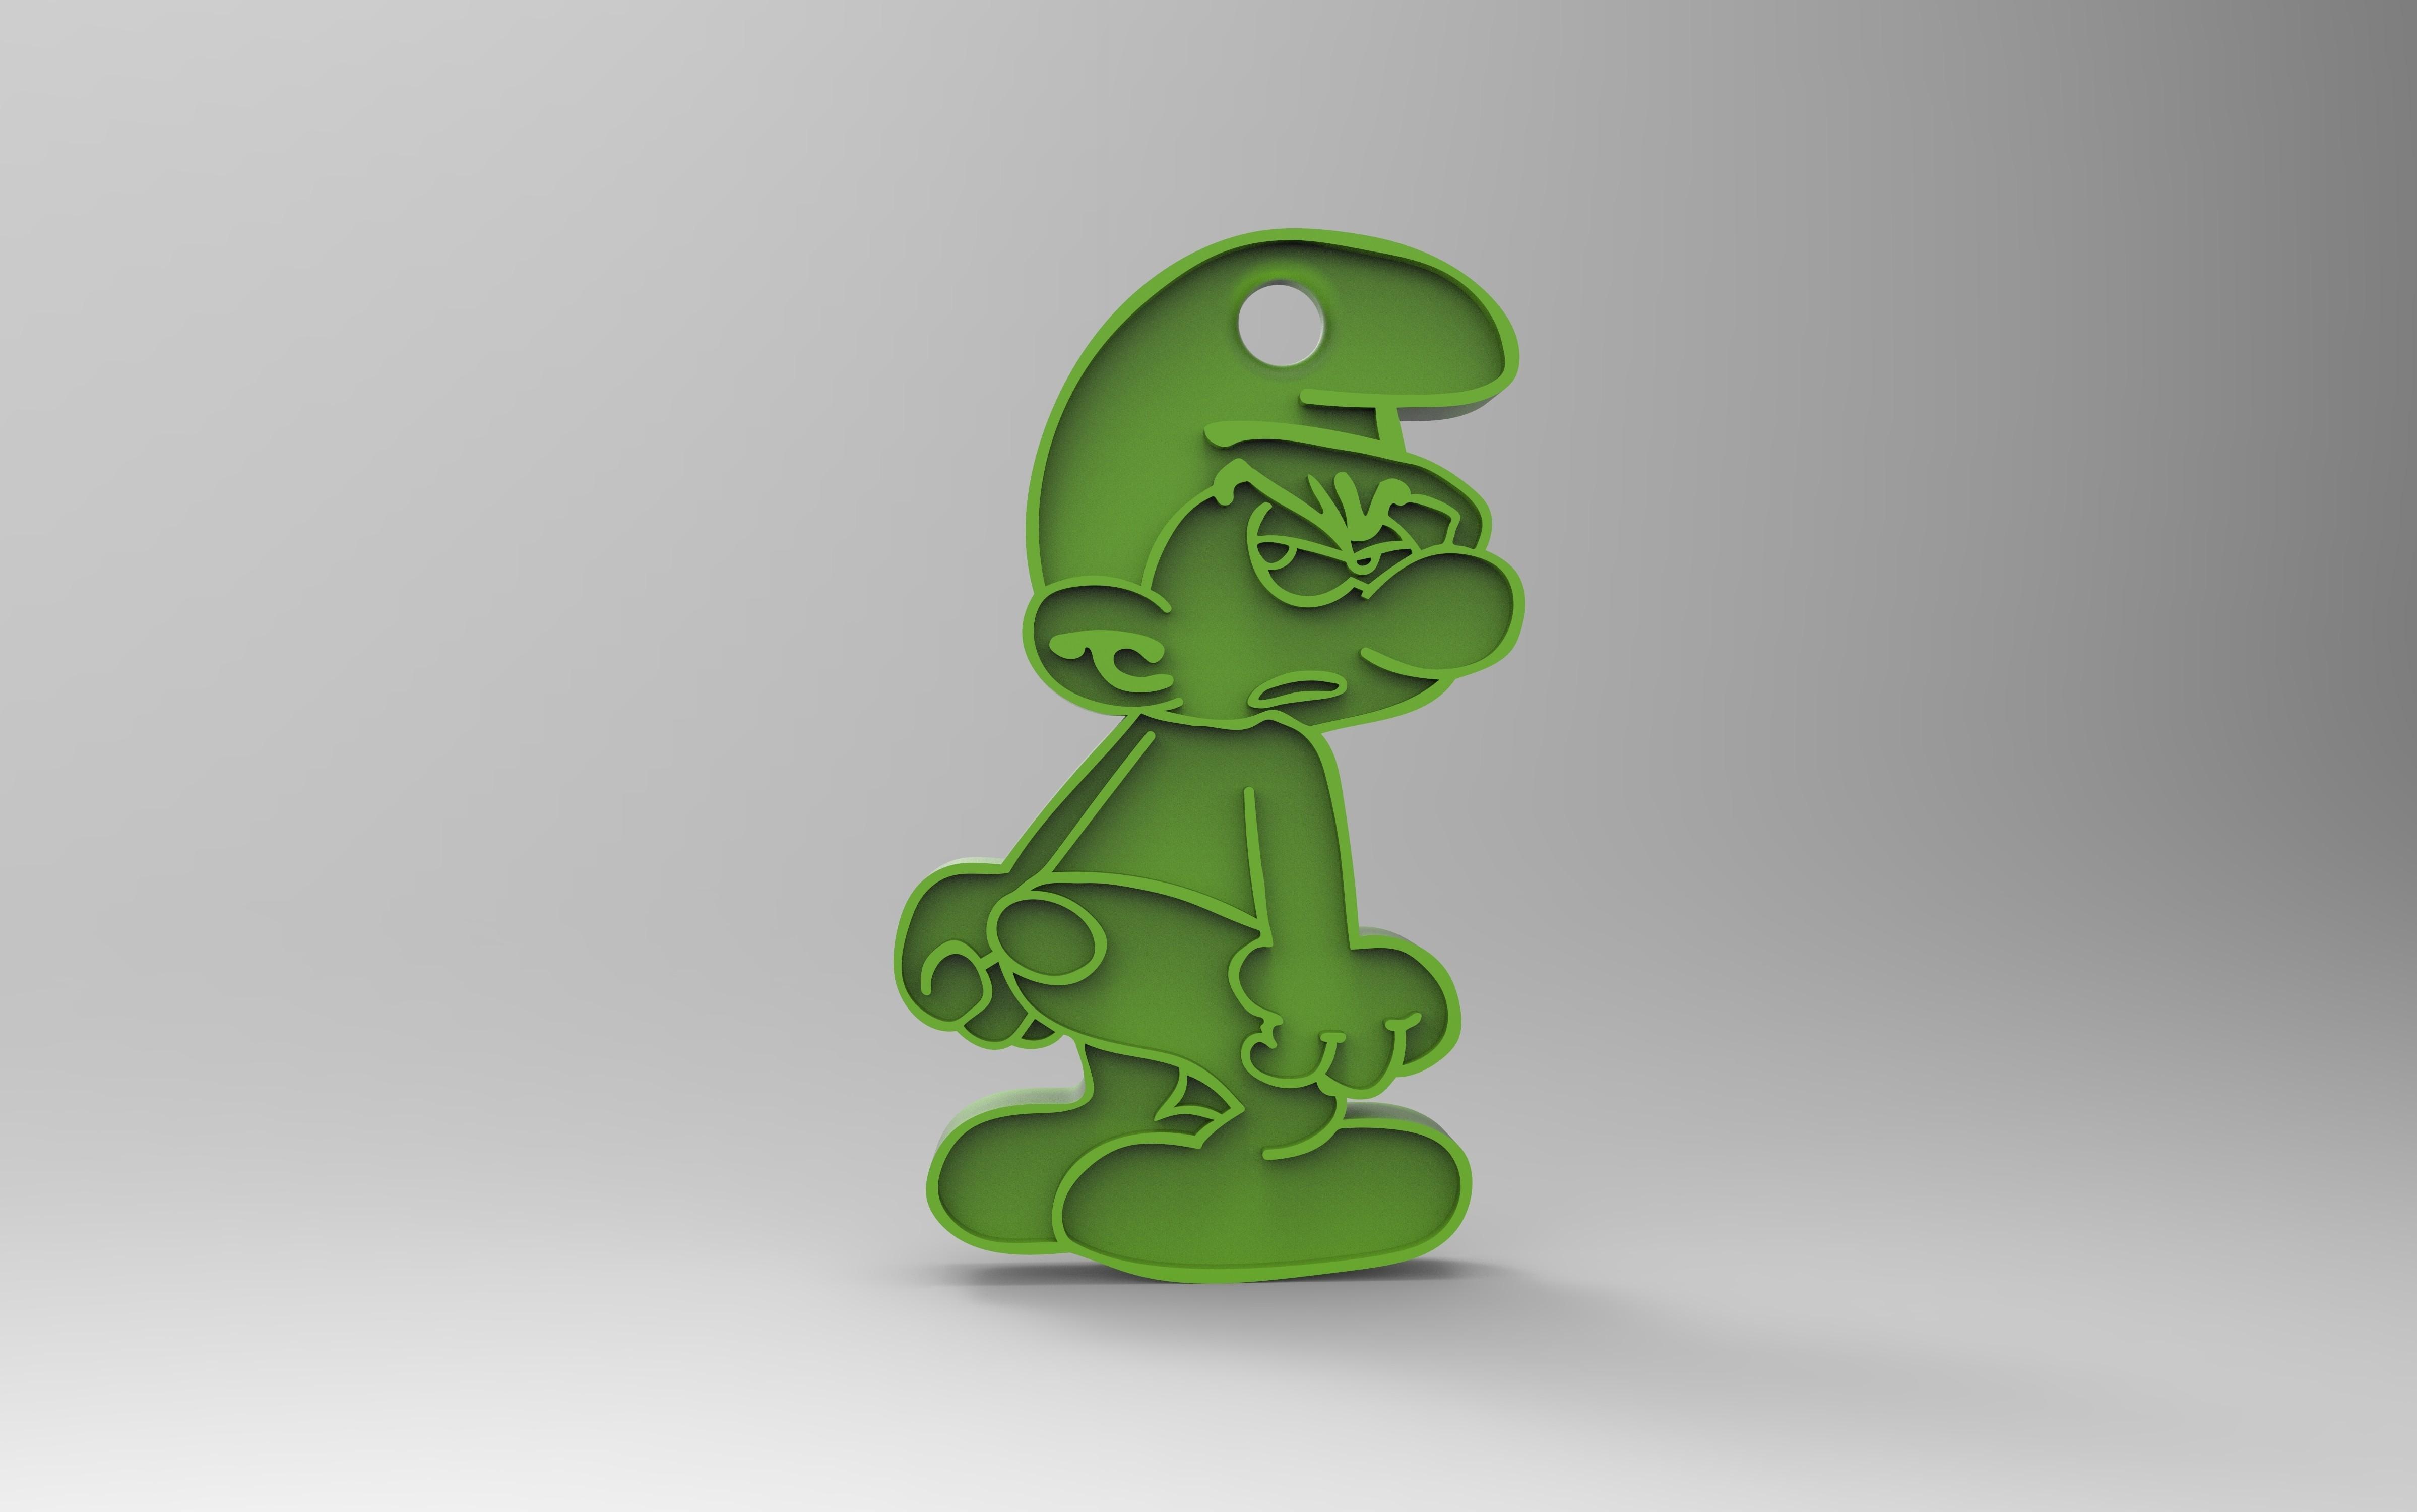 rendu 2.26.jpg Télécharger fichier STL gratuit Porte clef • Design pour impression 3D, GuilhemPerroud